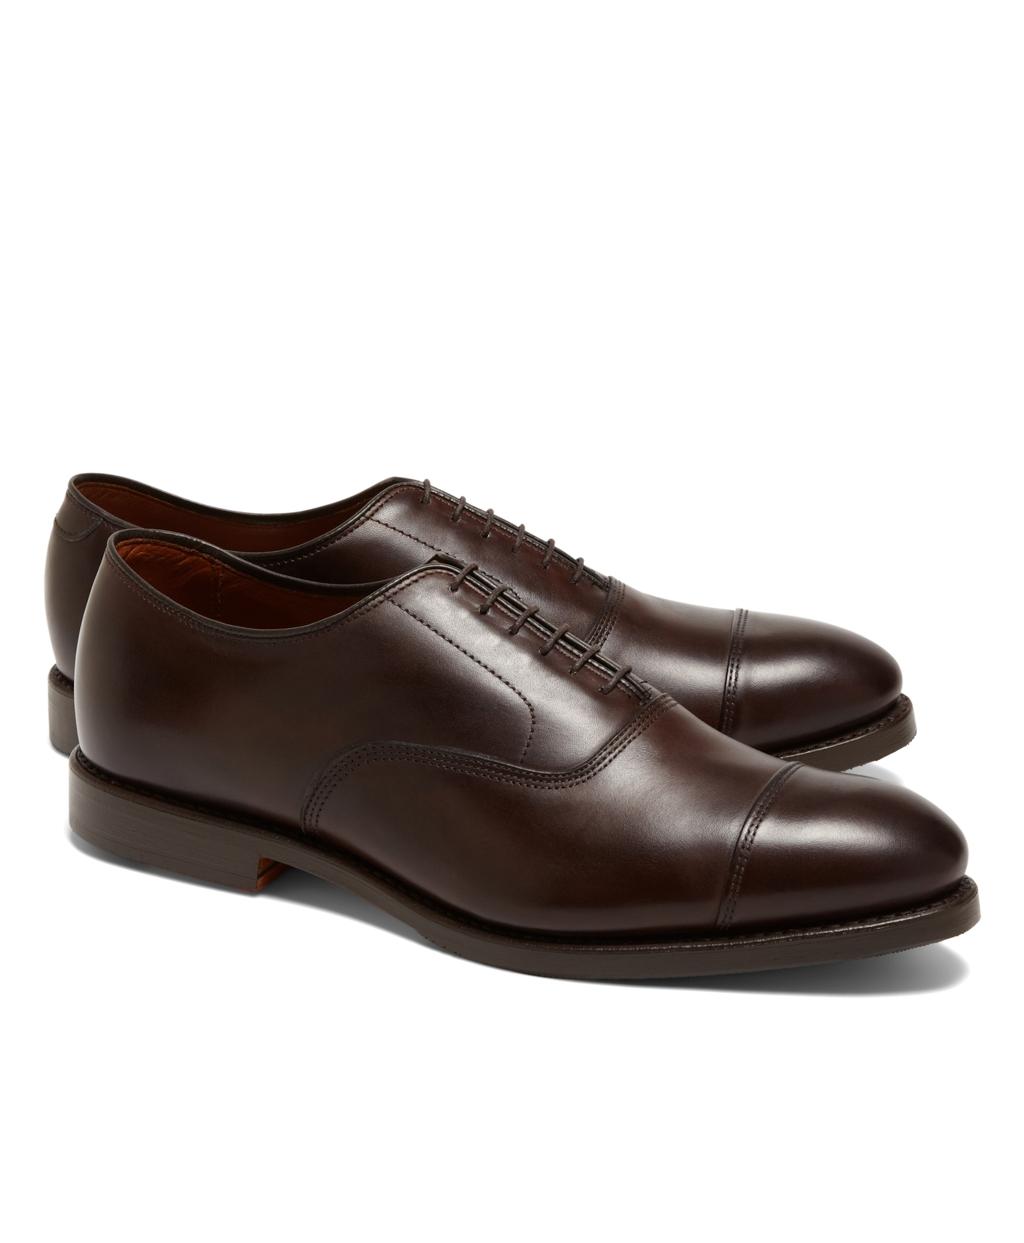 Allen Edmonds Shoes Discount Sale